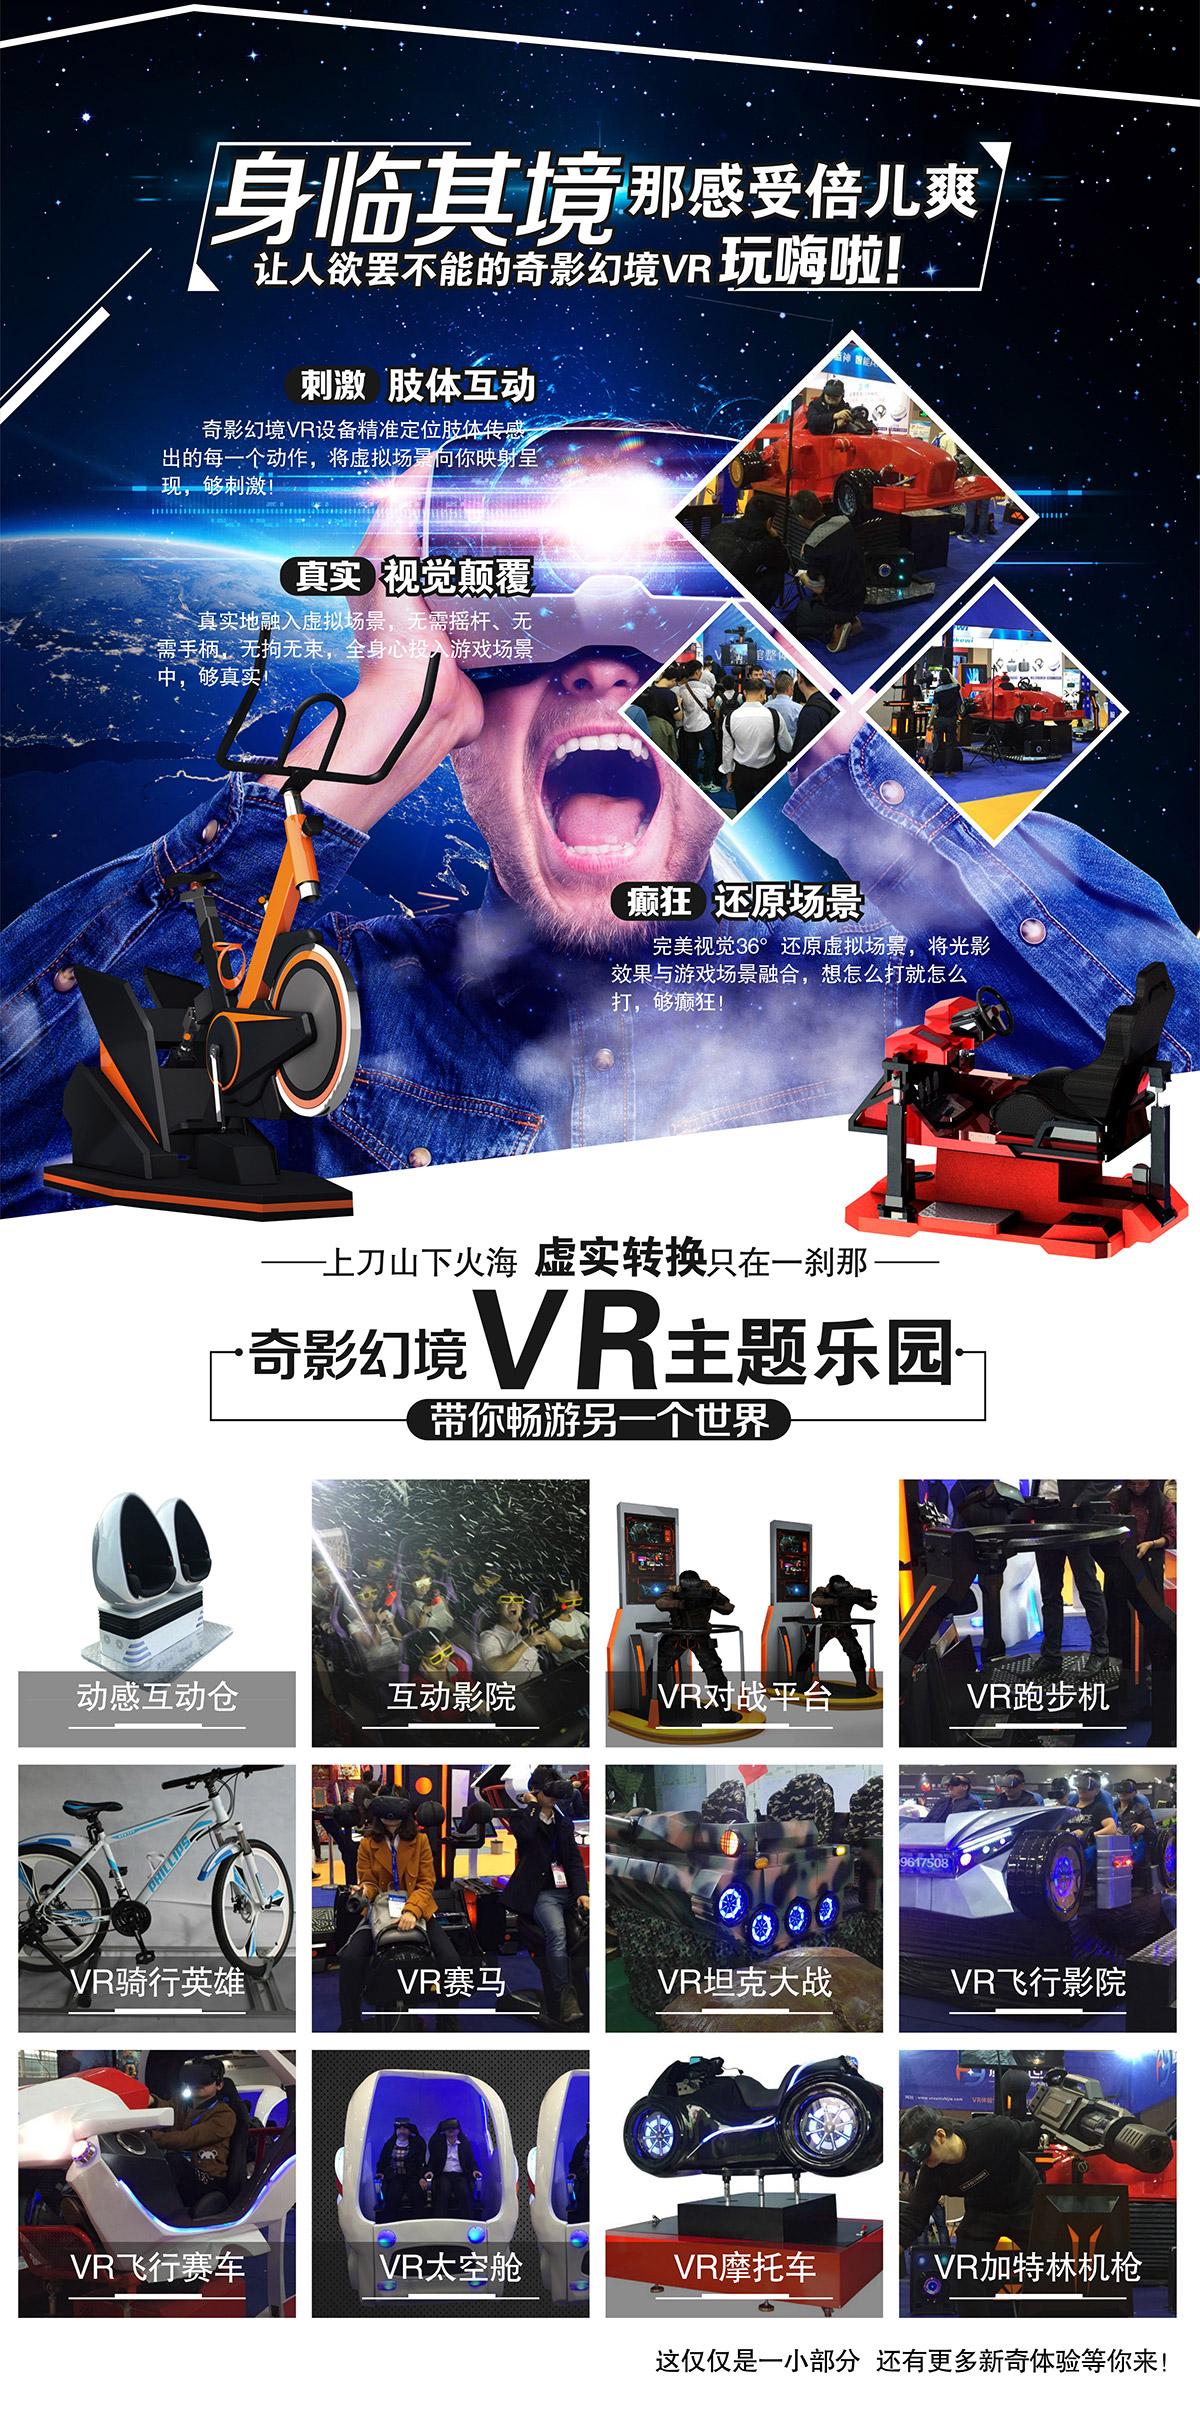 安全体验身临其境VR主题乐园带你畅游另一个世界.jpg